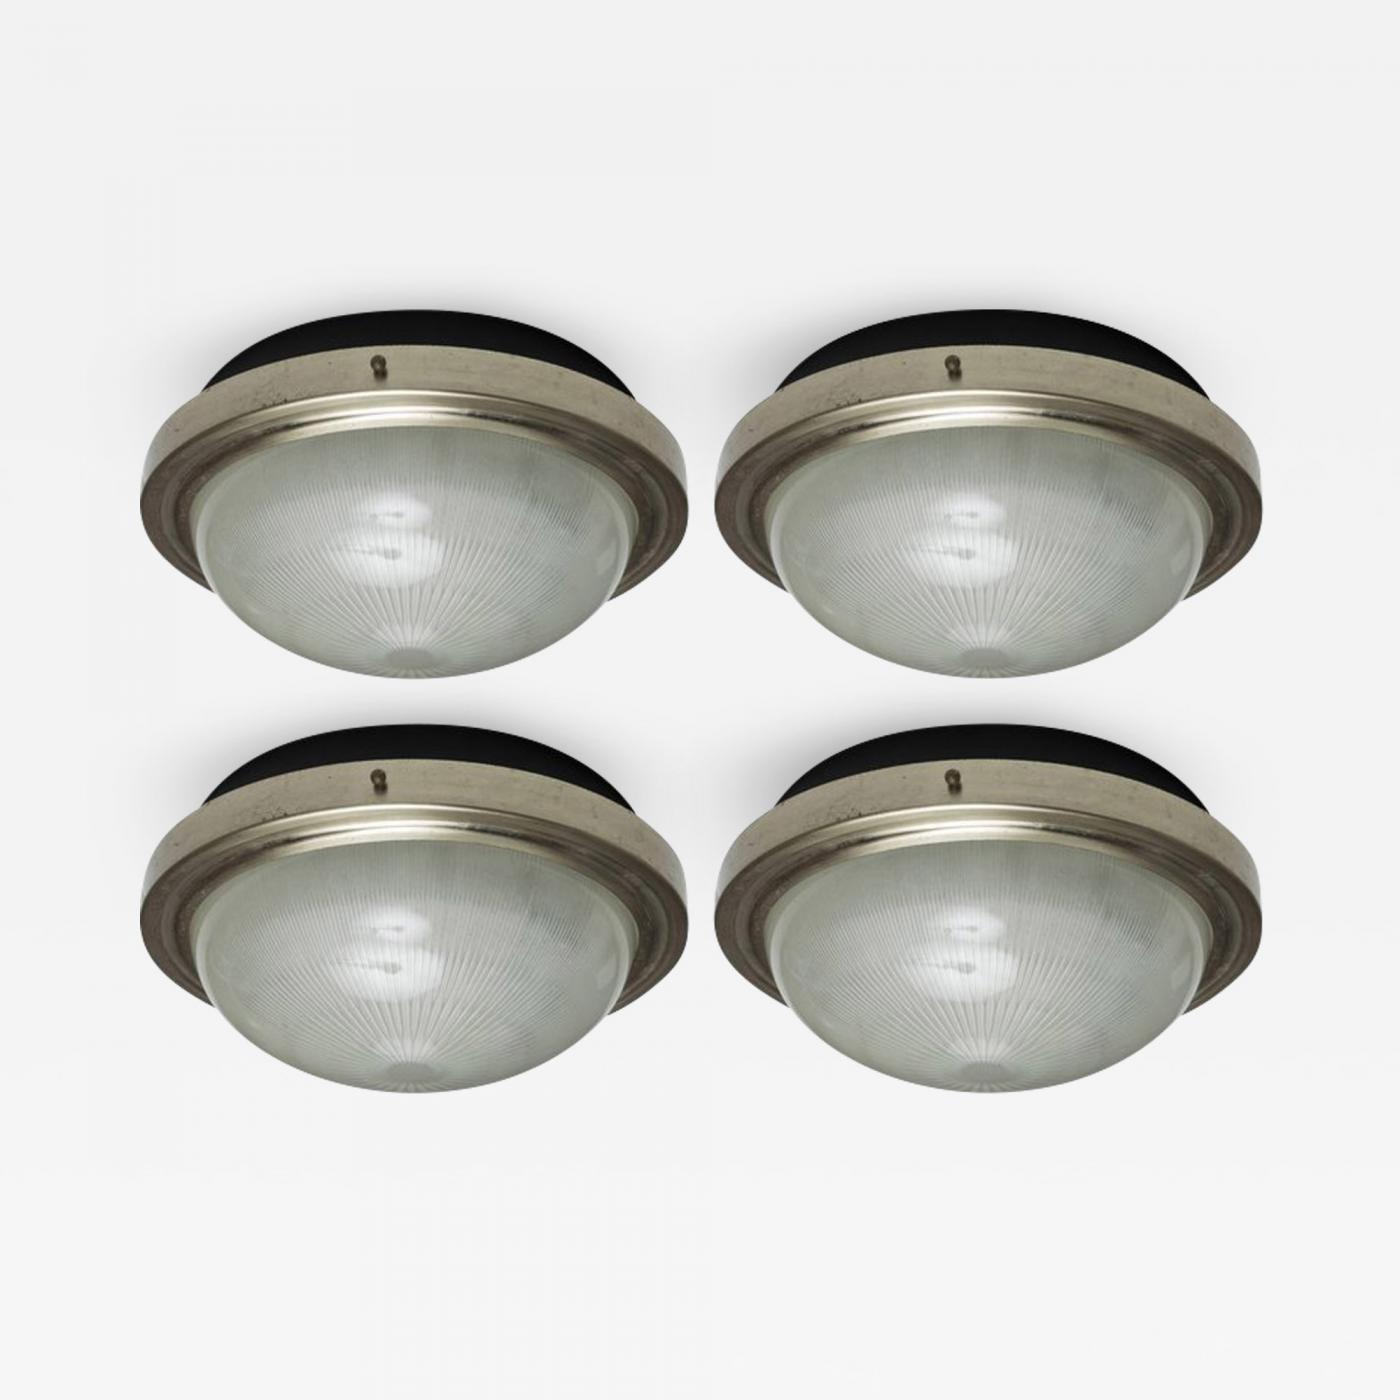 Sergio Mazza 1960s Sergio Mazza Ceiling Or Wall Lights